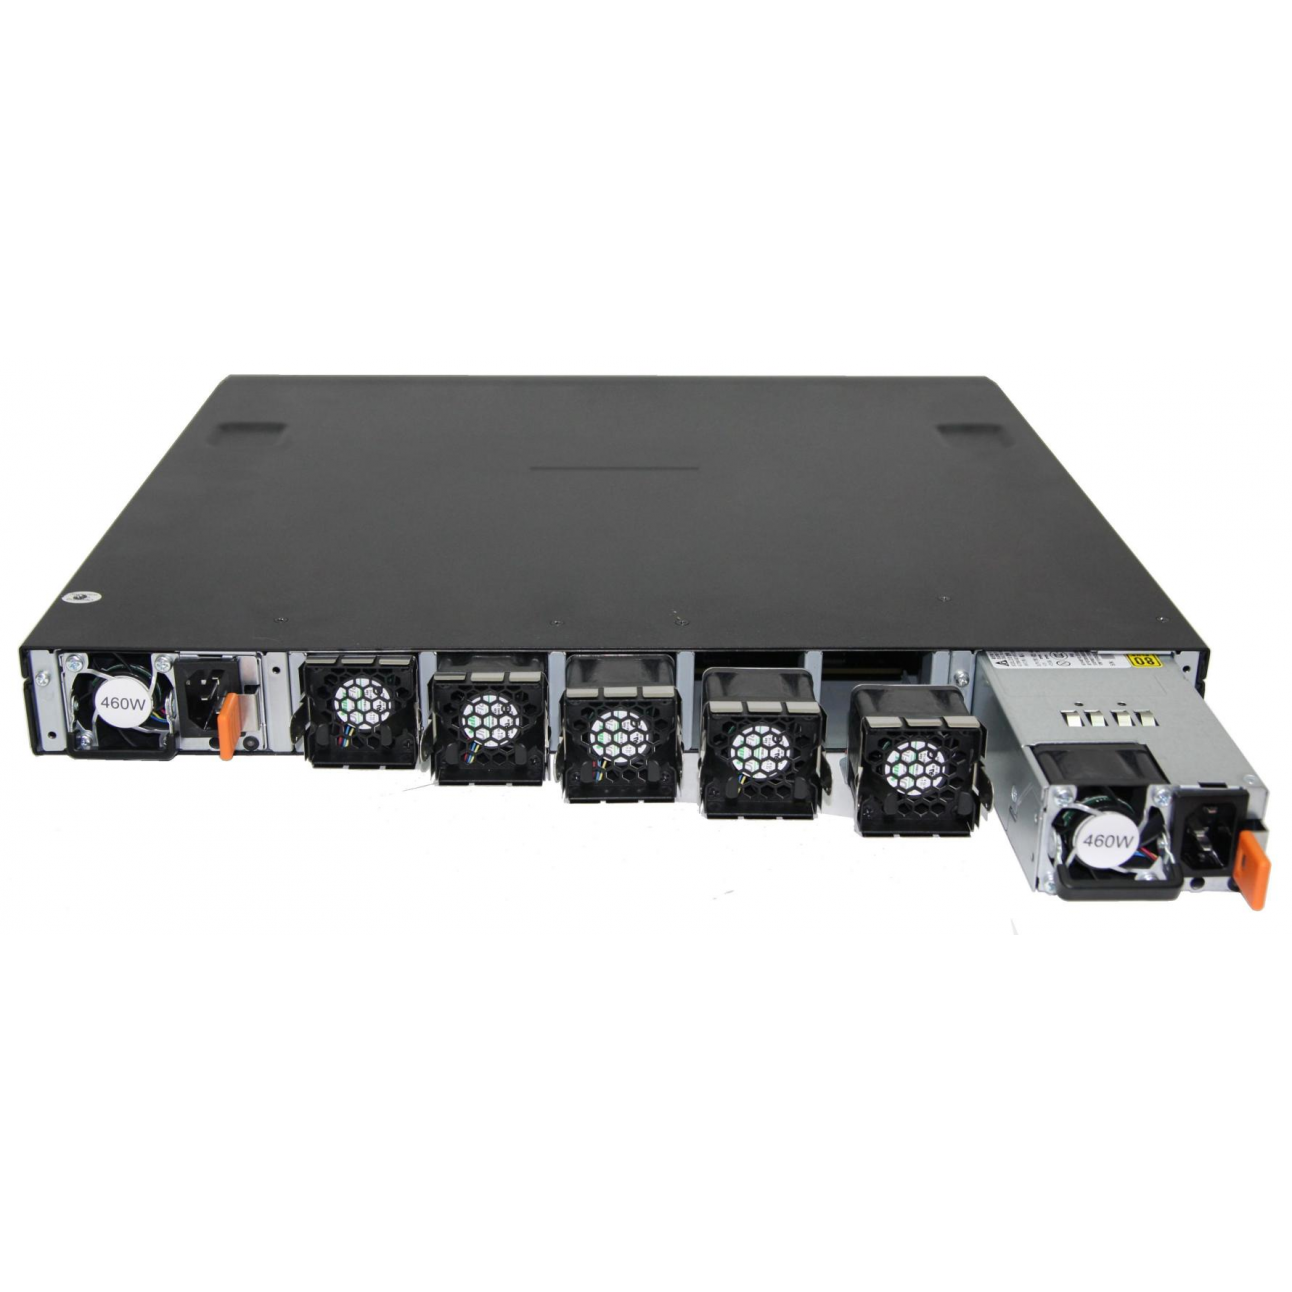 Управляемый коммутатор уровня 3 SNR-S4550-24XQ-AC